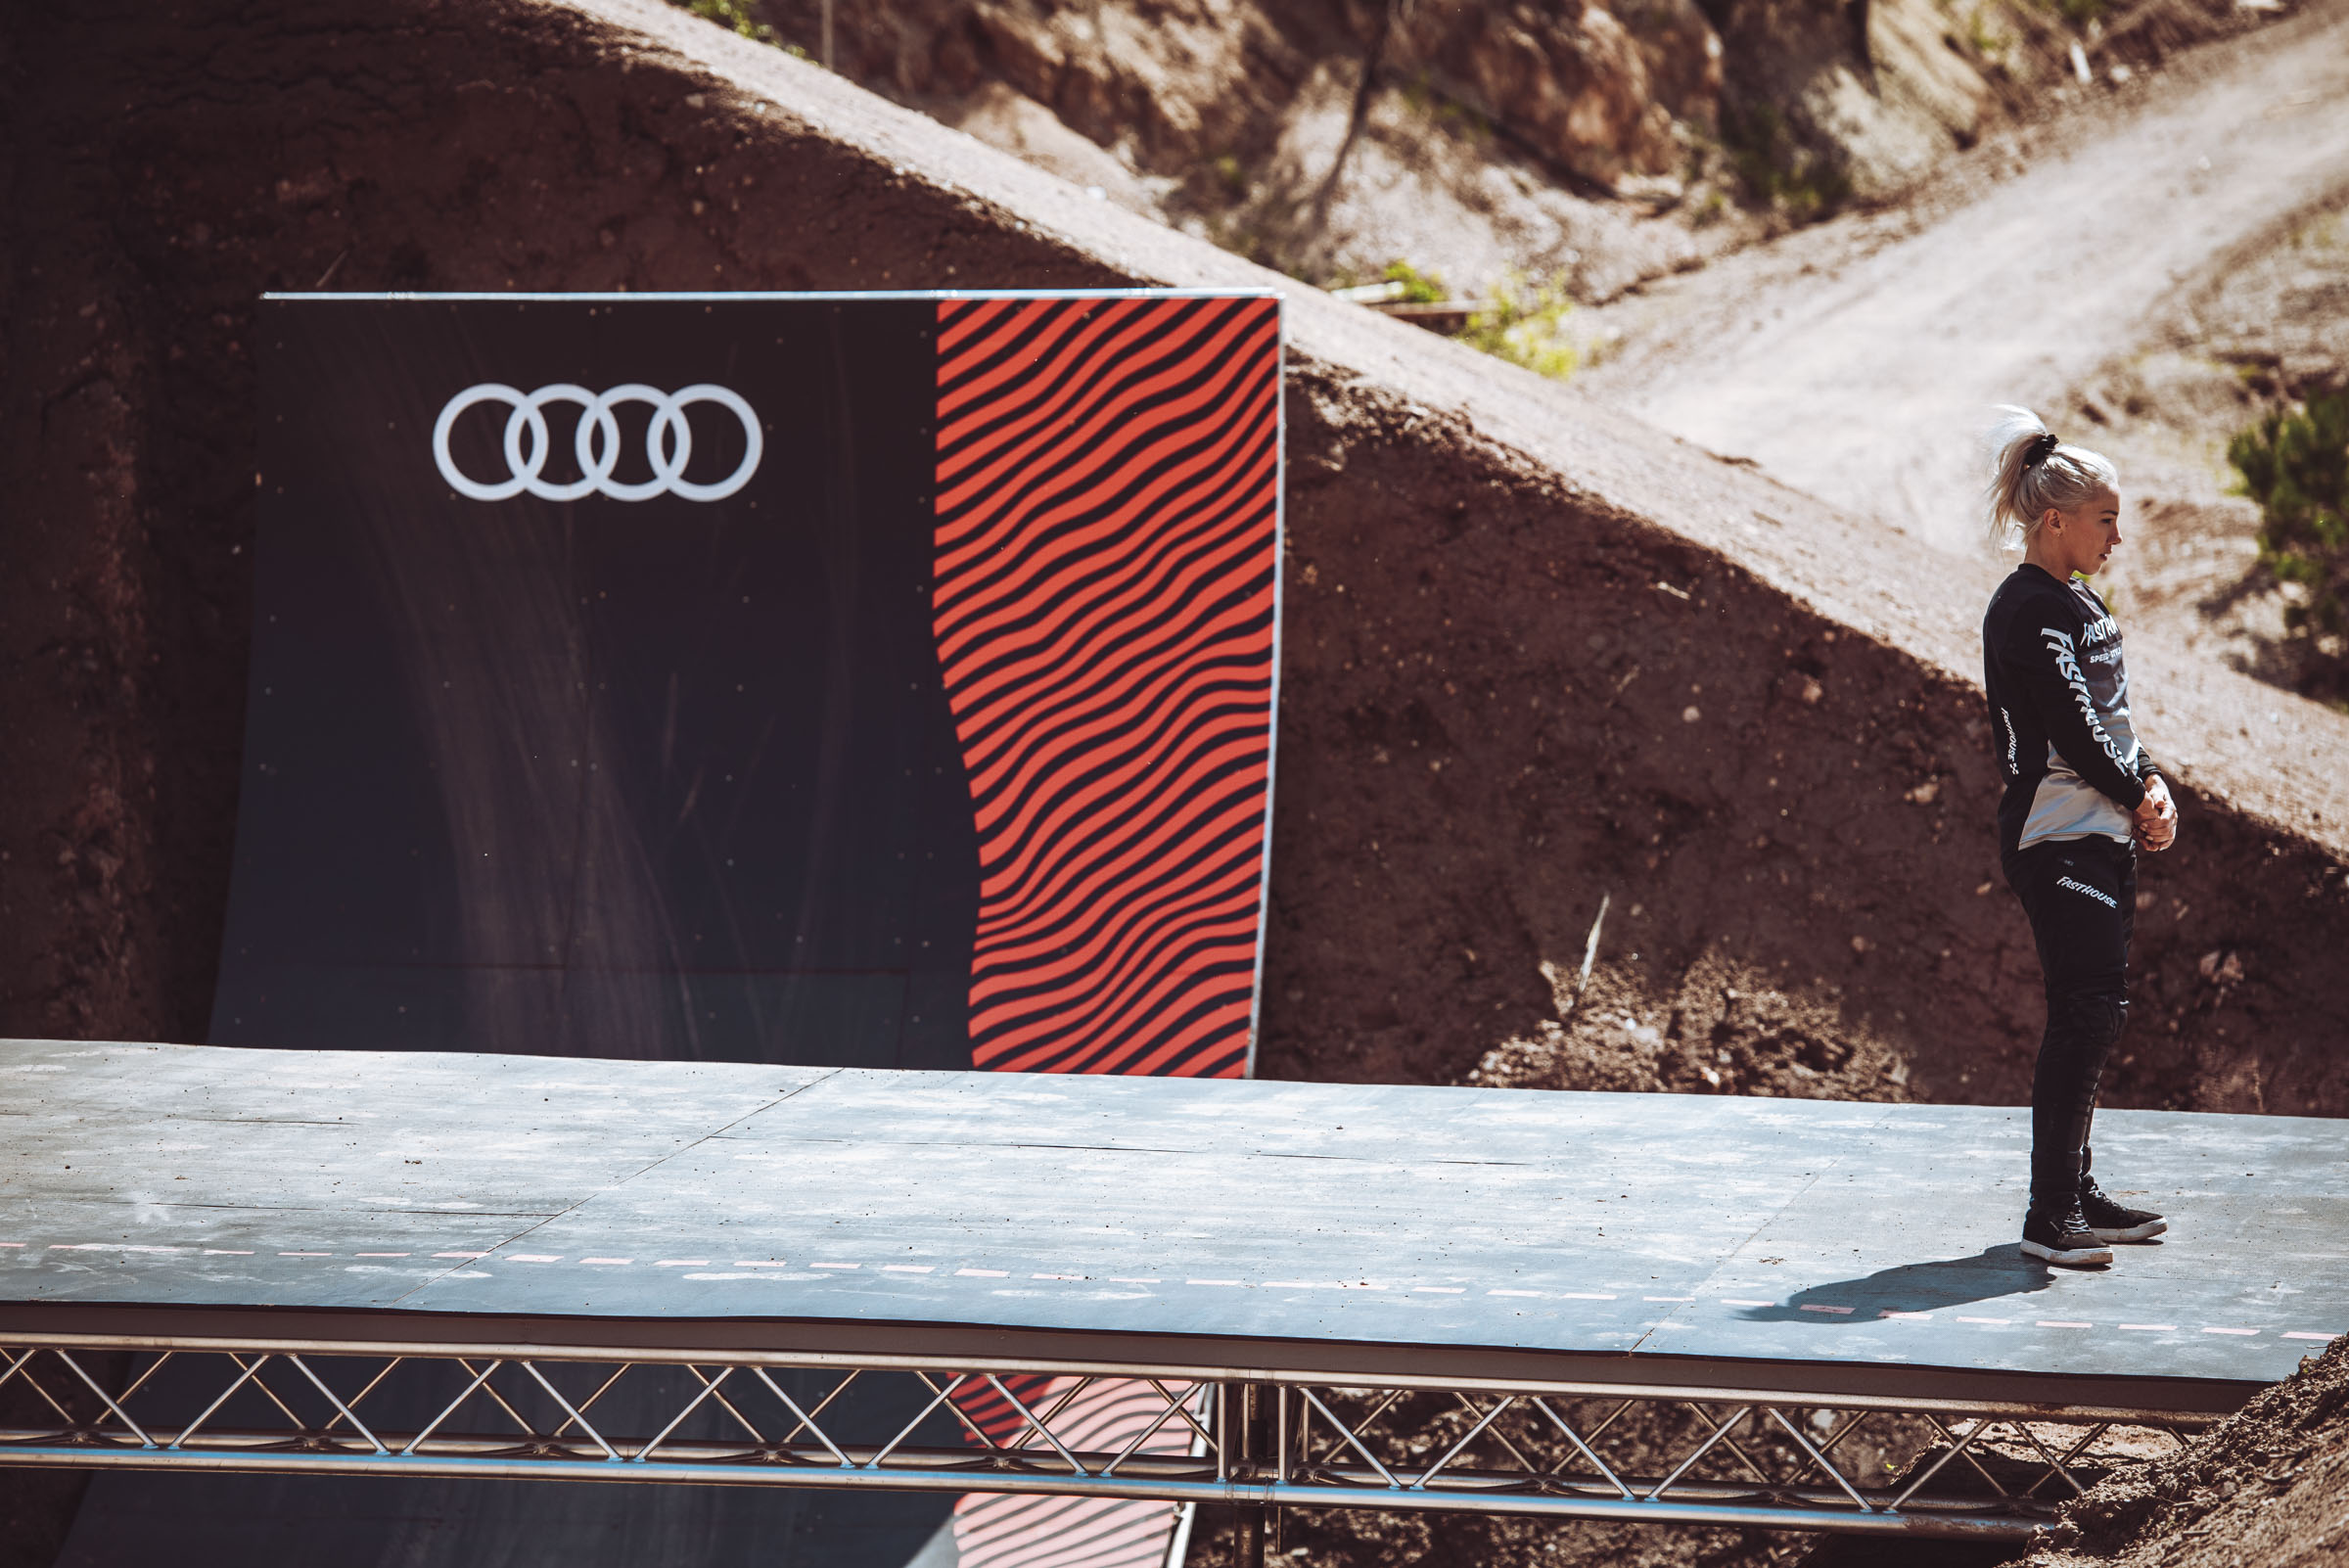 Audi Nines